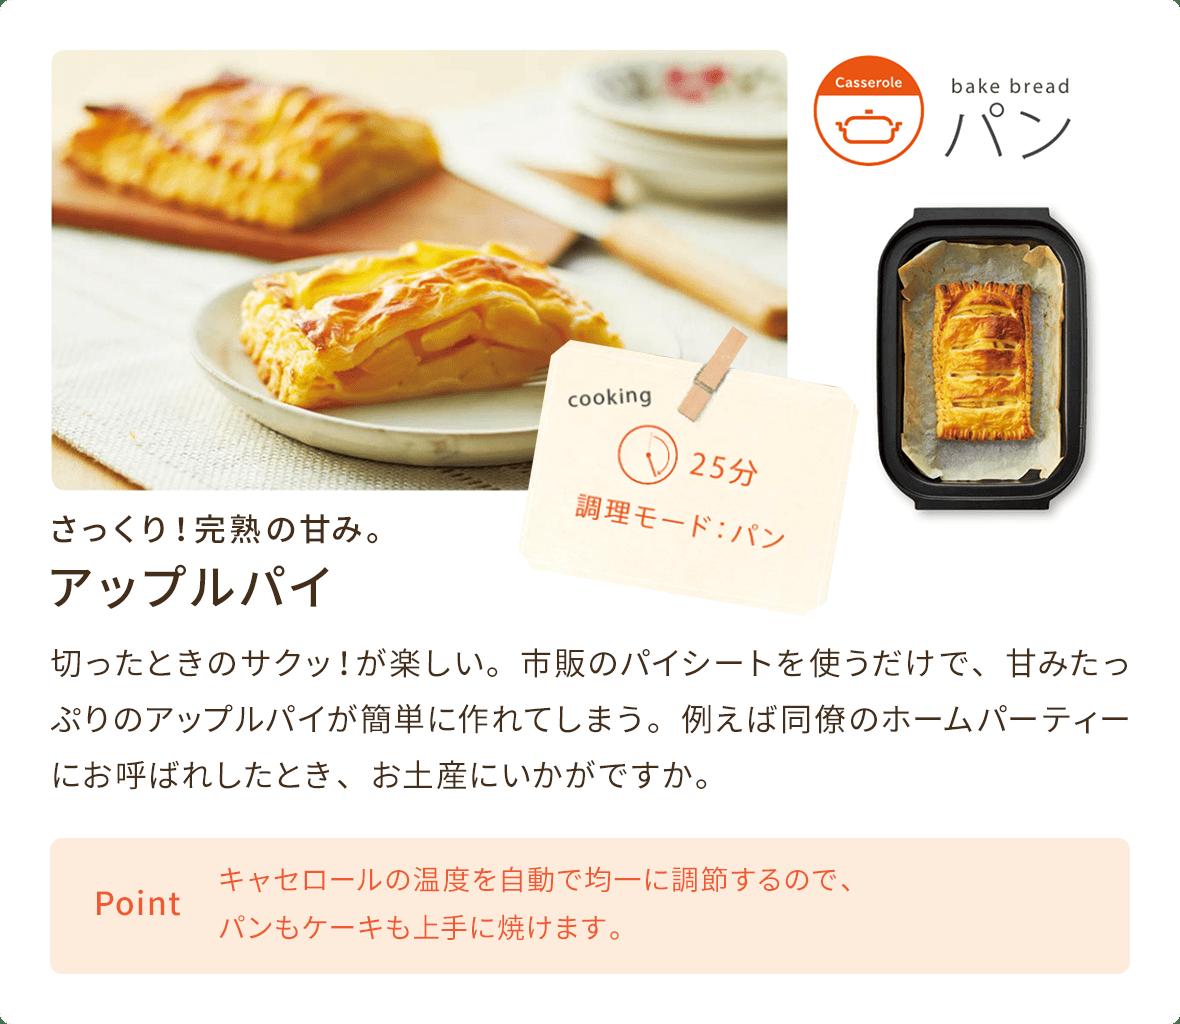 アップルパイ 切ったときのサクッ!が楽しい。市販のパイシートを使うだけで、甘みたっぷりのアップルパイが簡単に作れてしまう。例えば同僚のホームパーティーにお呼ばれしたとき、お土産にいかがですか。 キャセロールの温度を自動で均一に調節するので、パンもケーキも上手に焼けます。